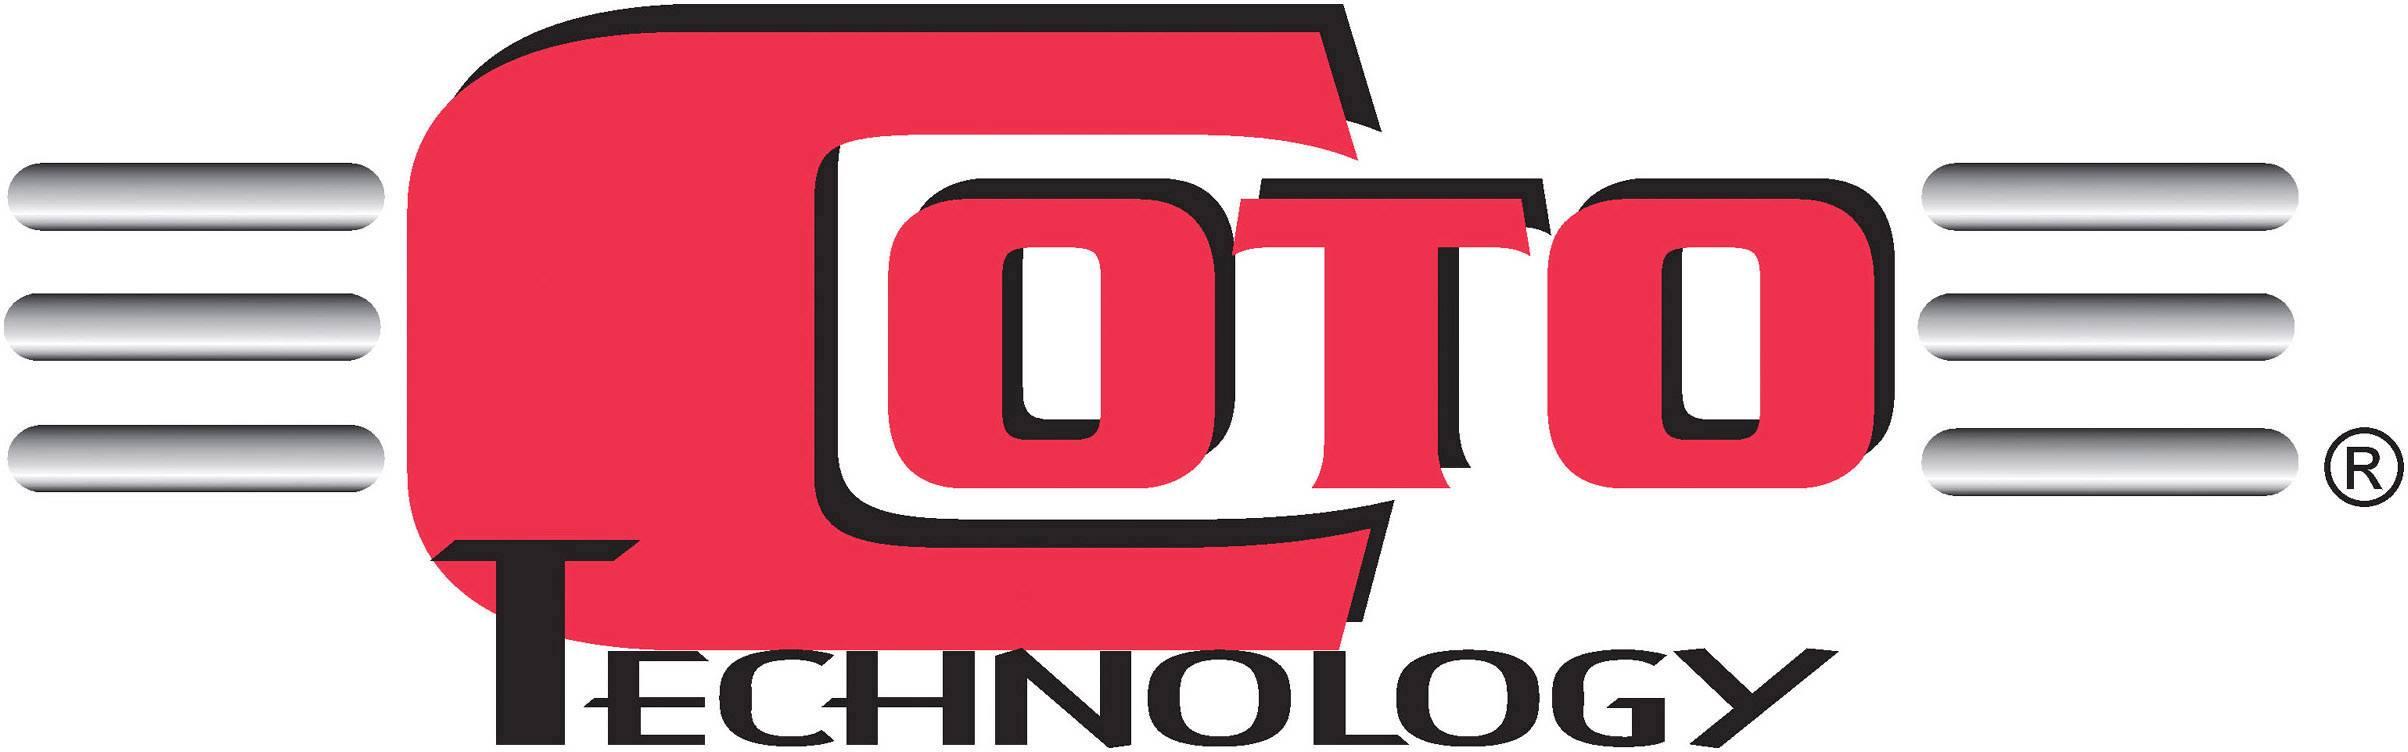 COTO Technology